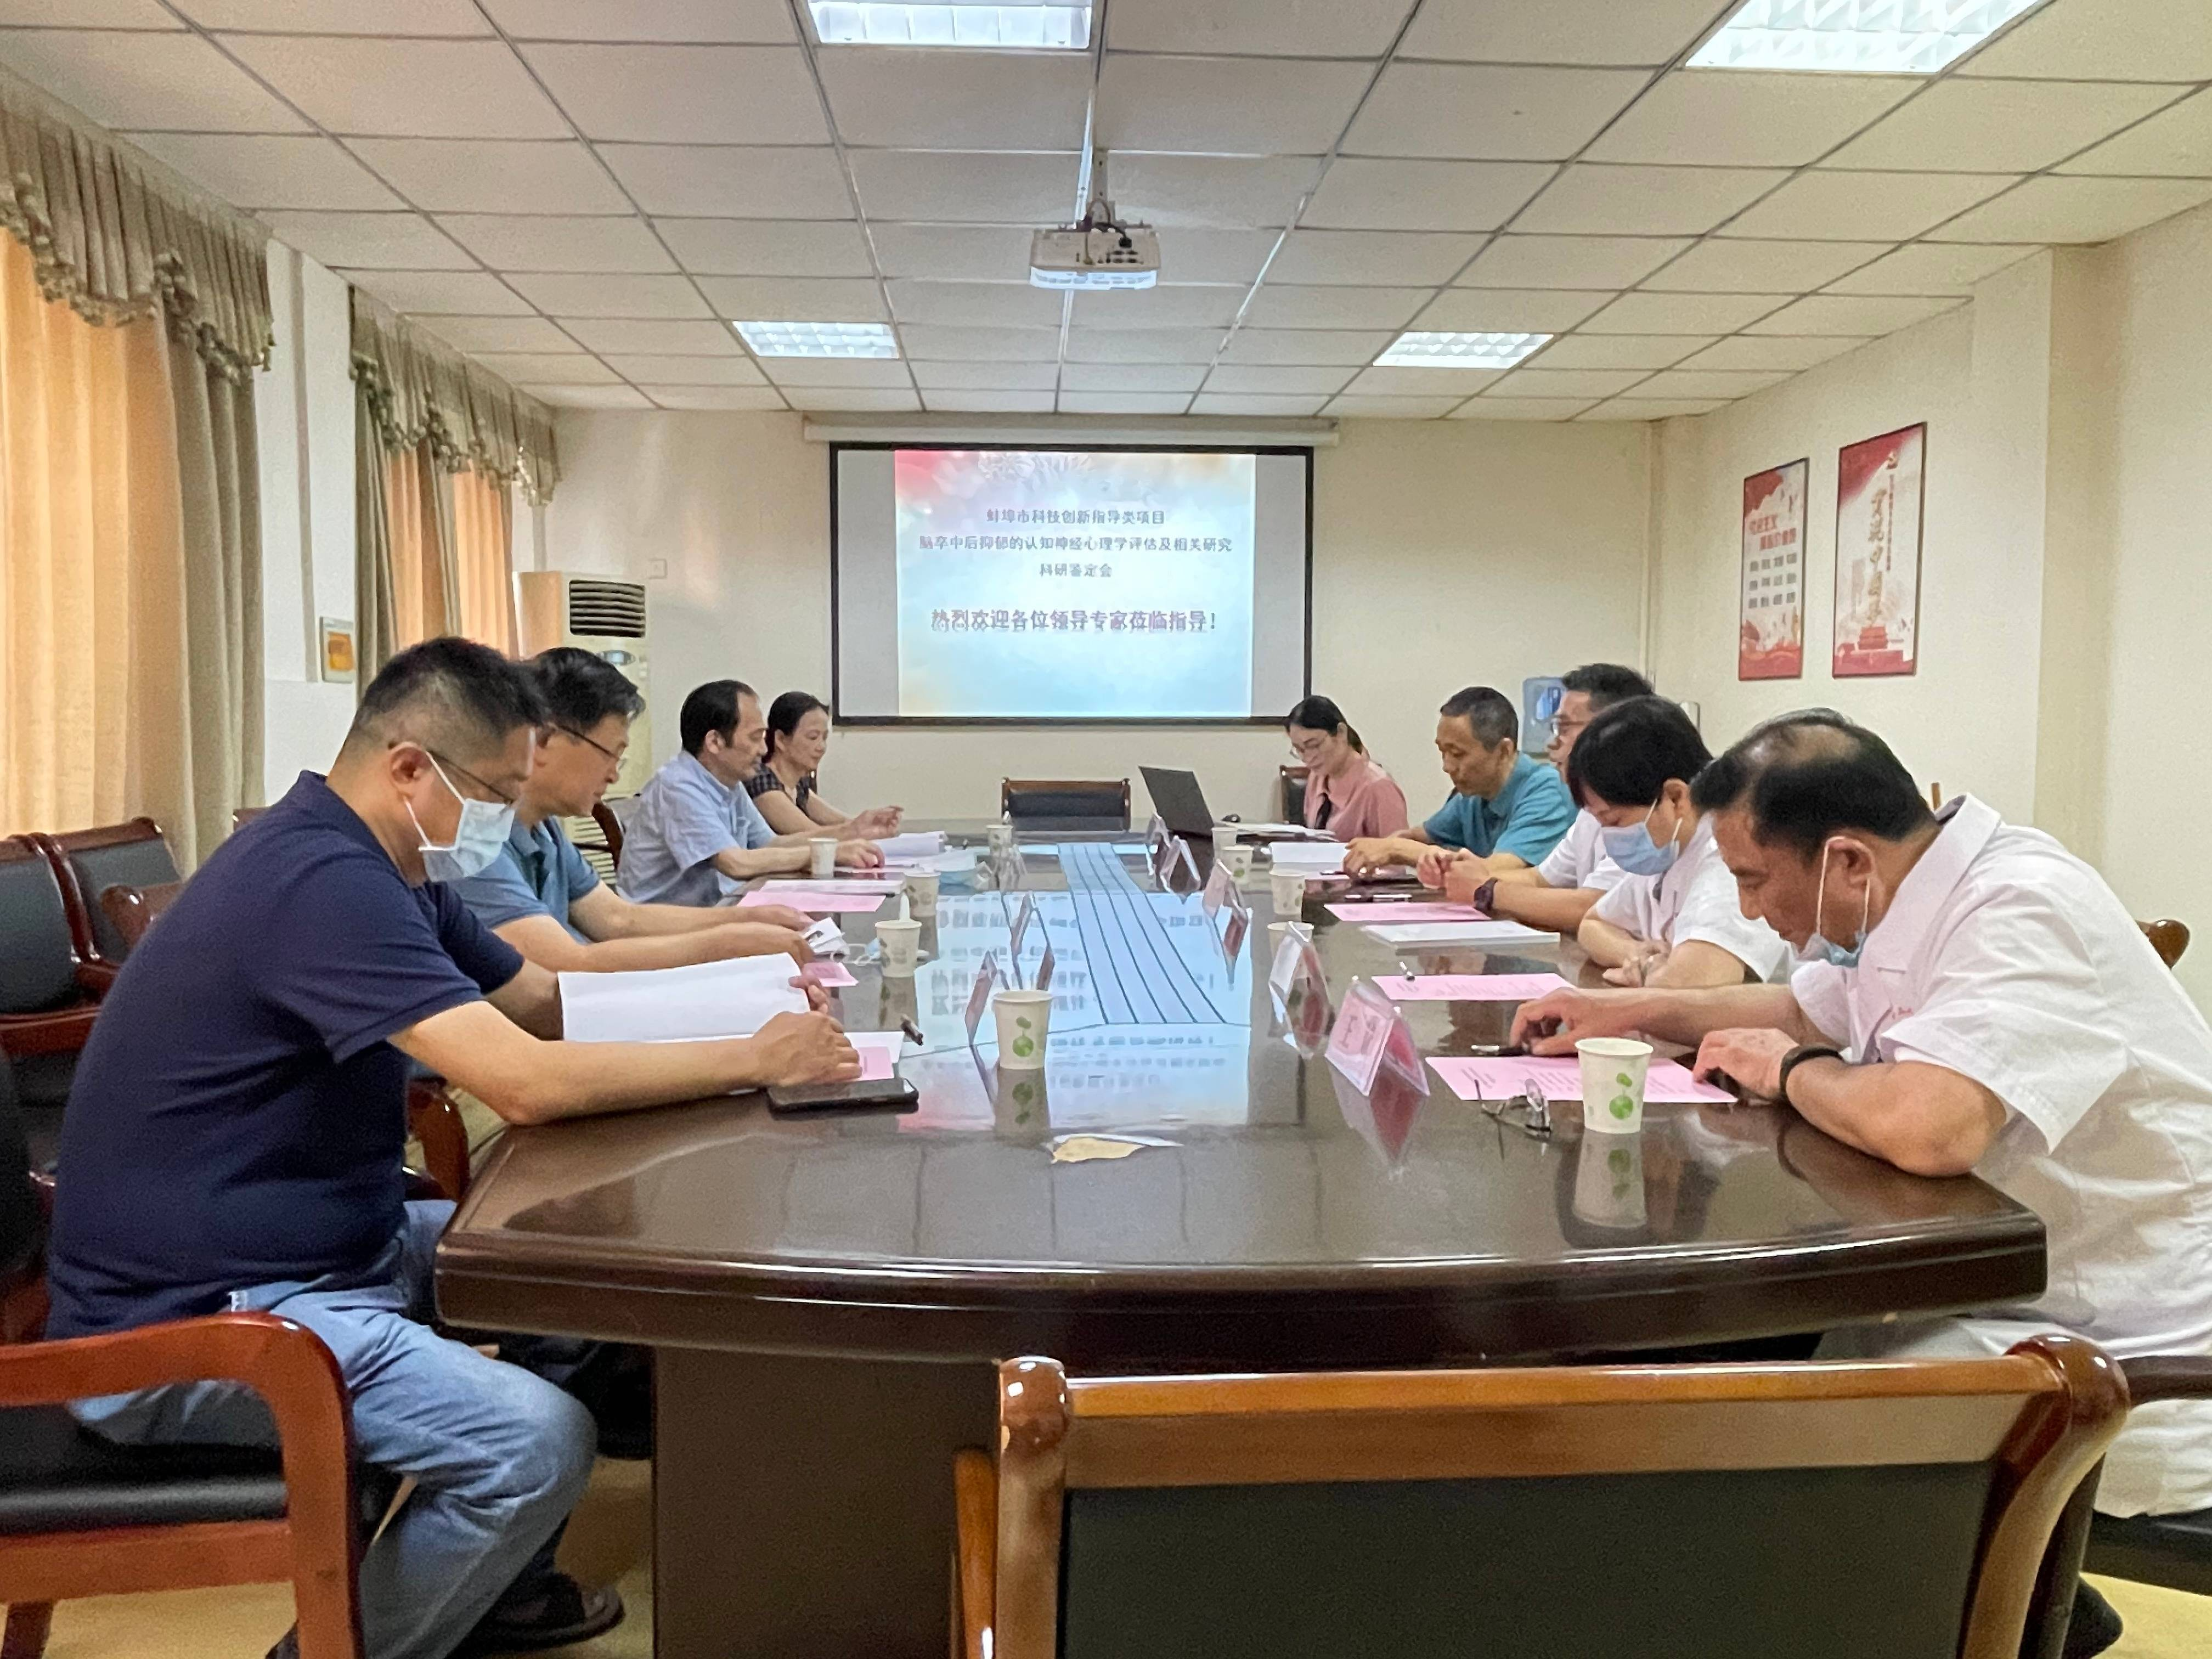 蚌埠市第二人民医院神经内科科研项目顺利验收